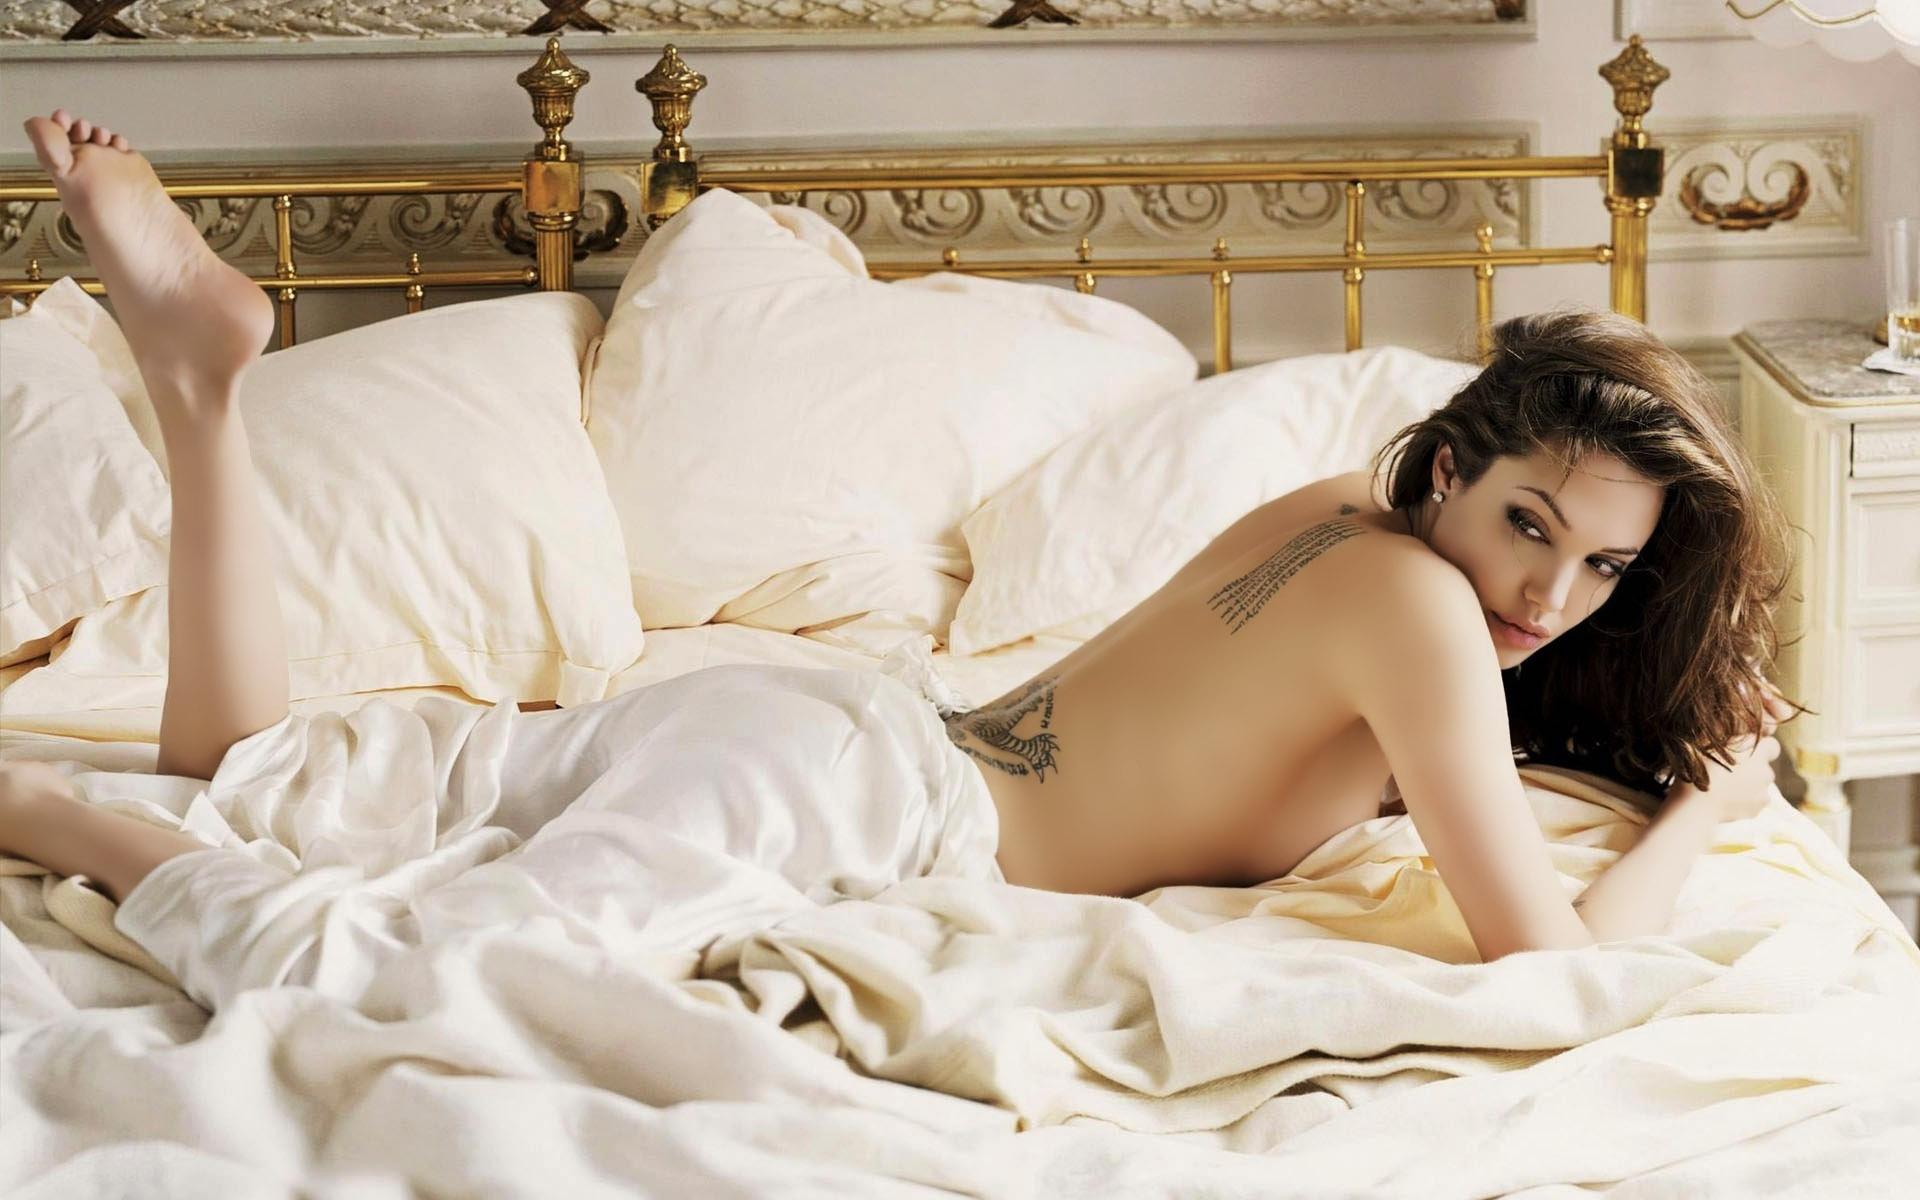 http://2.bp.blogspot.com/-JaoXI4529As/UDO-7EFUzGI/AAAAAAAADl4/MCI1-U82Qzg/s1920/angelina-jolie-hd-tattoos-1200.jpg